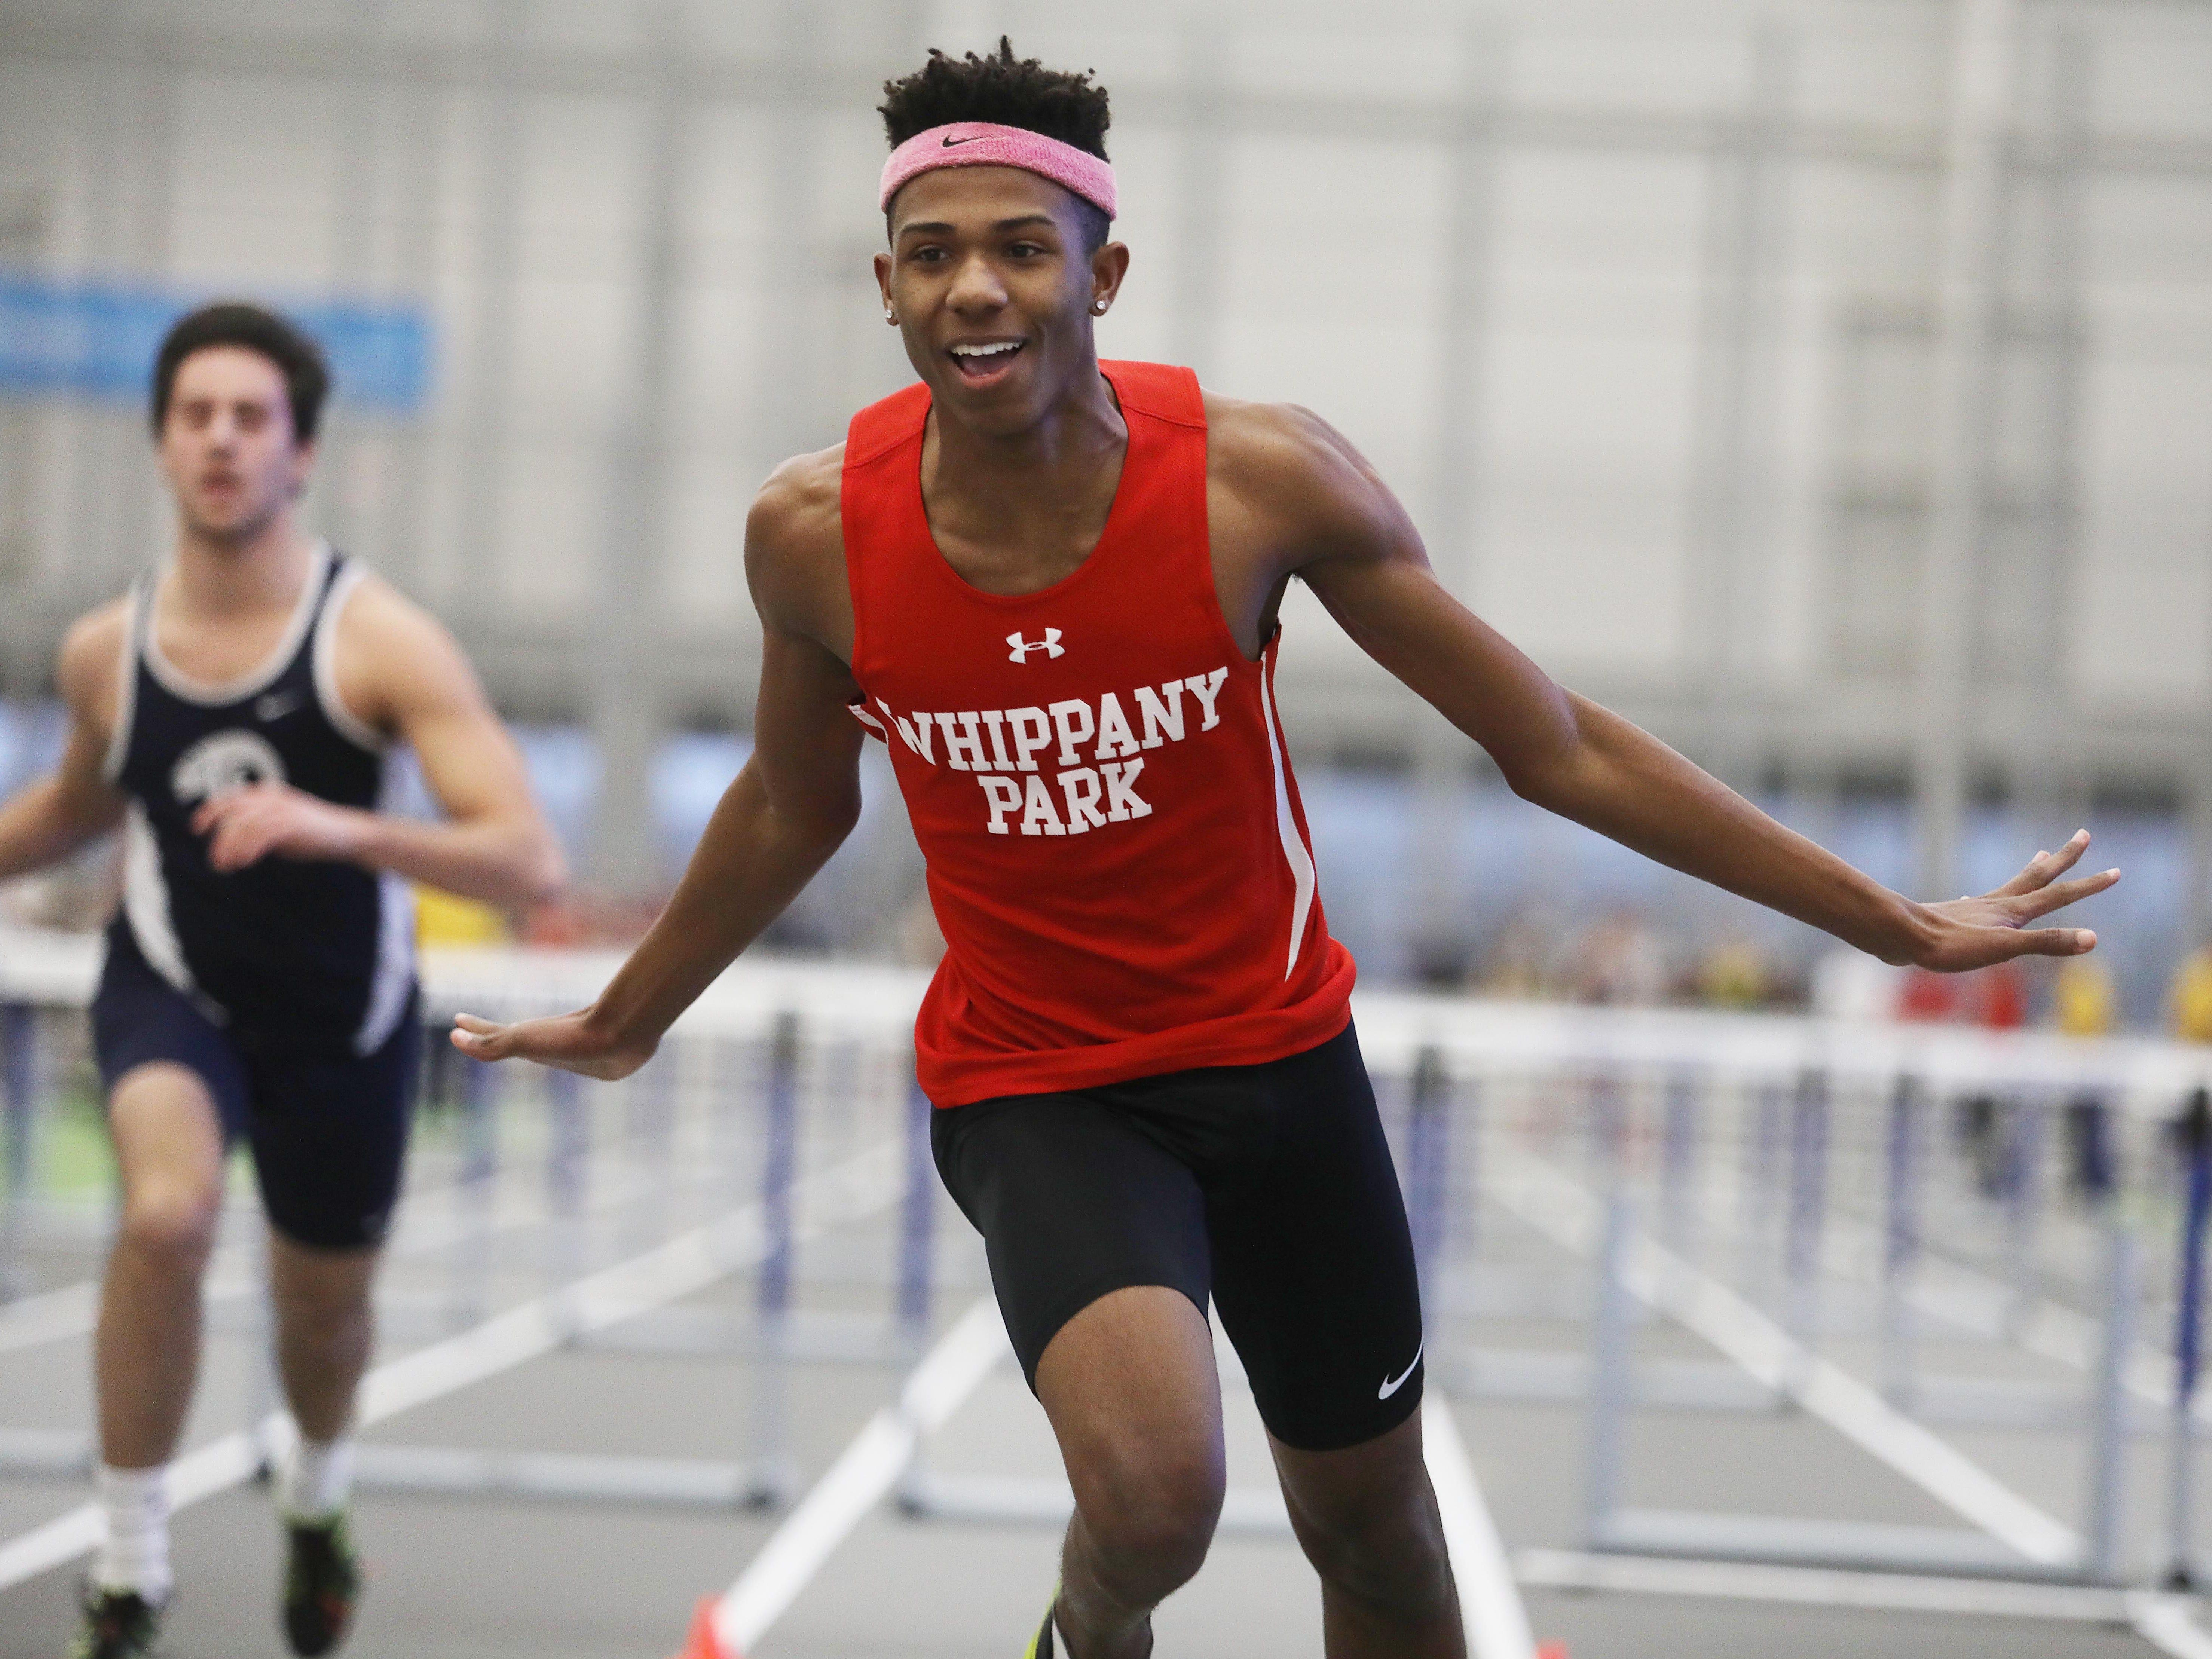 Whippany Park senior Christian Martin wins the boys 55-meter hurdles.